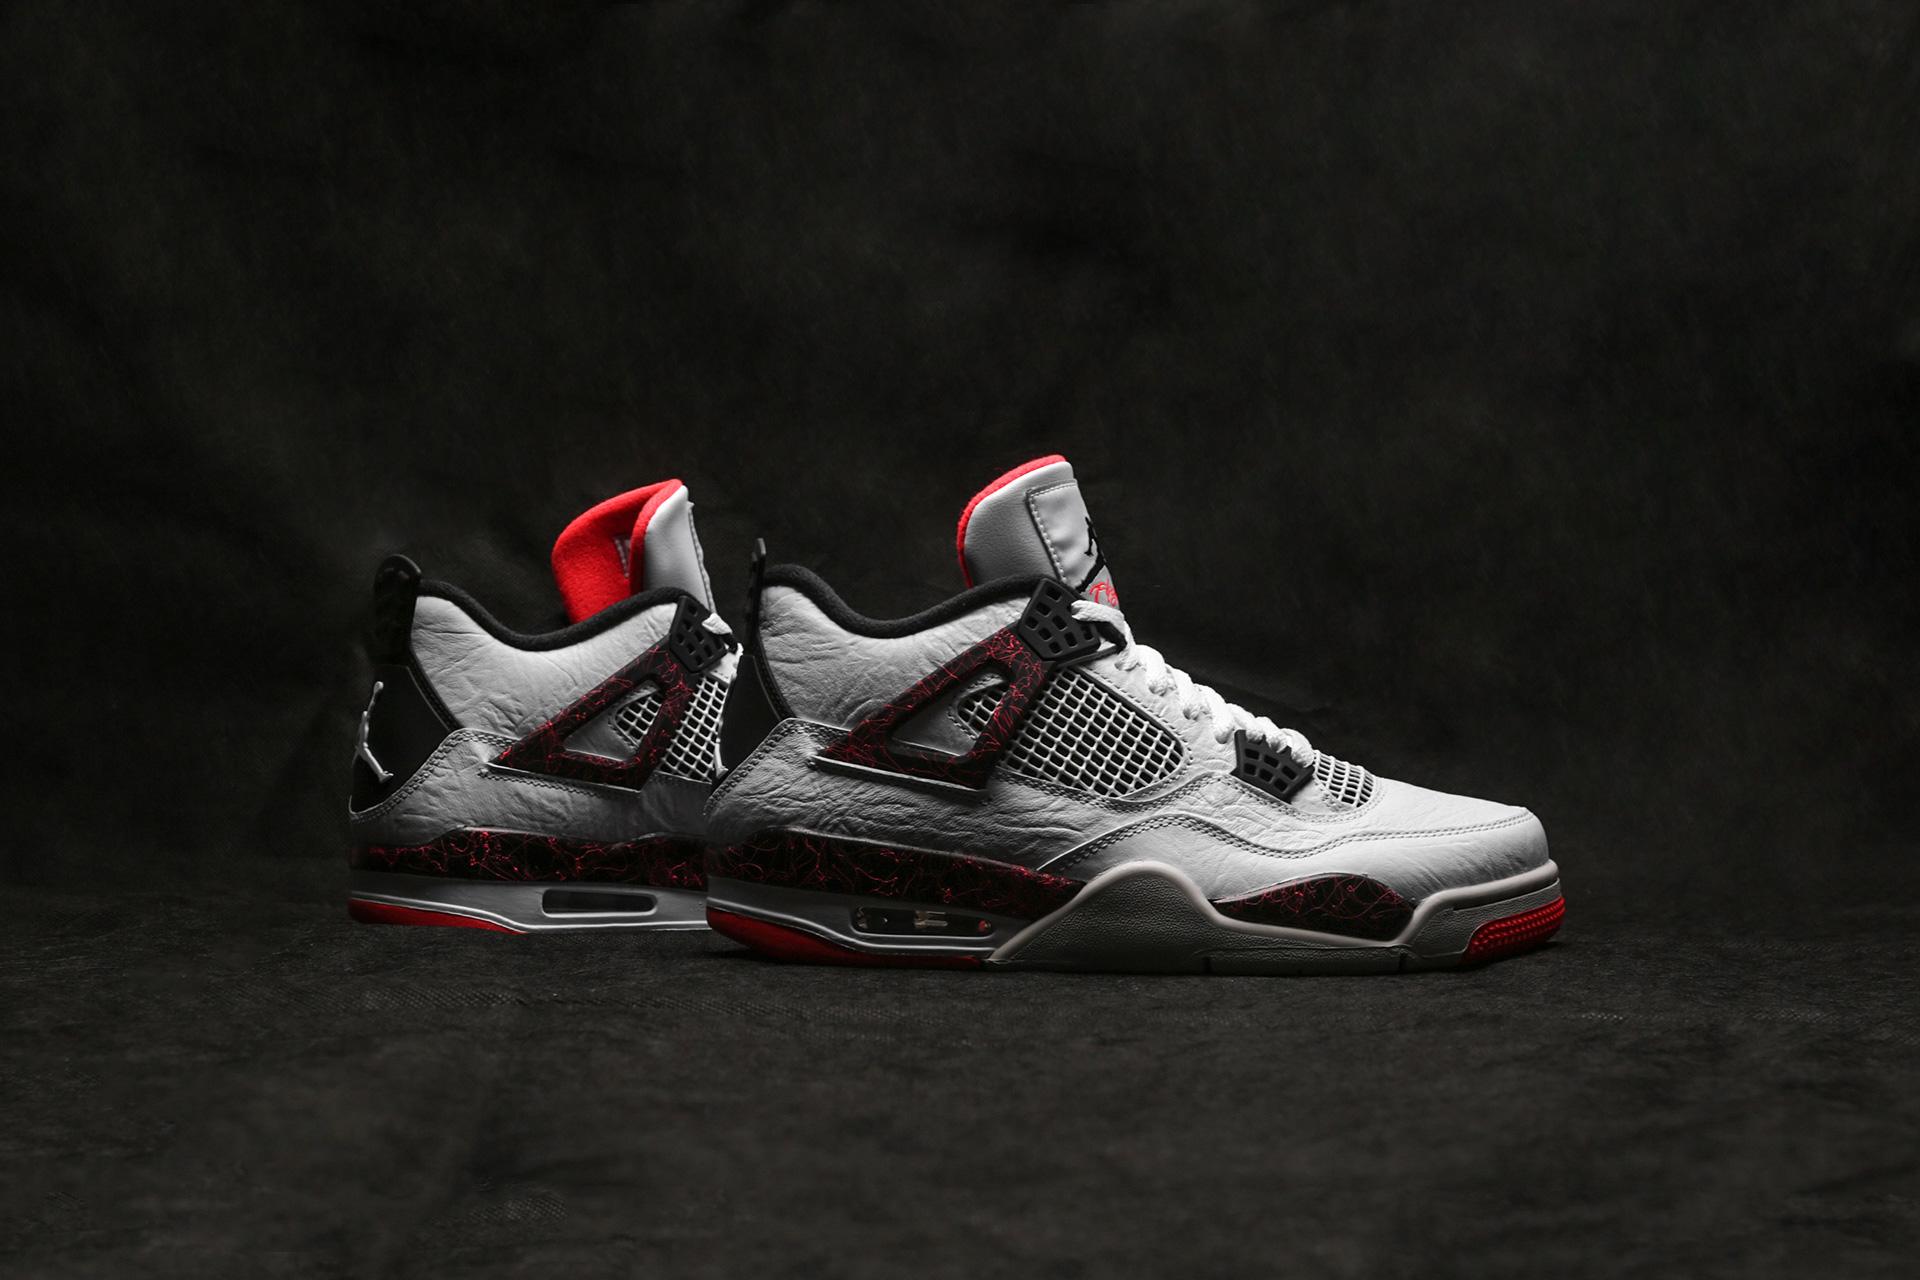 fcf58814 Купить белые мужские кроссовки 4 Retro от Jordan (308497-116) по ...